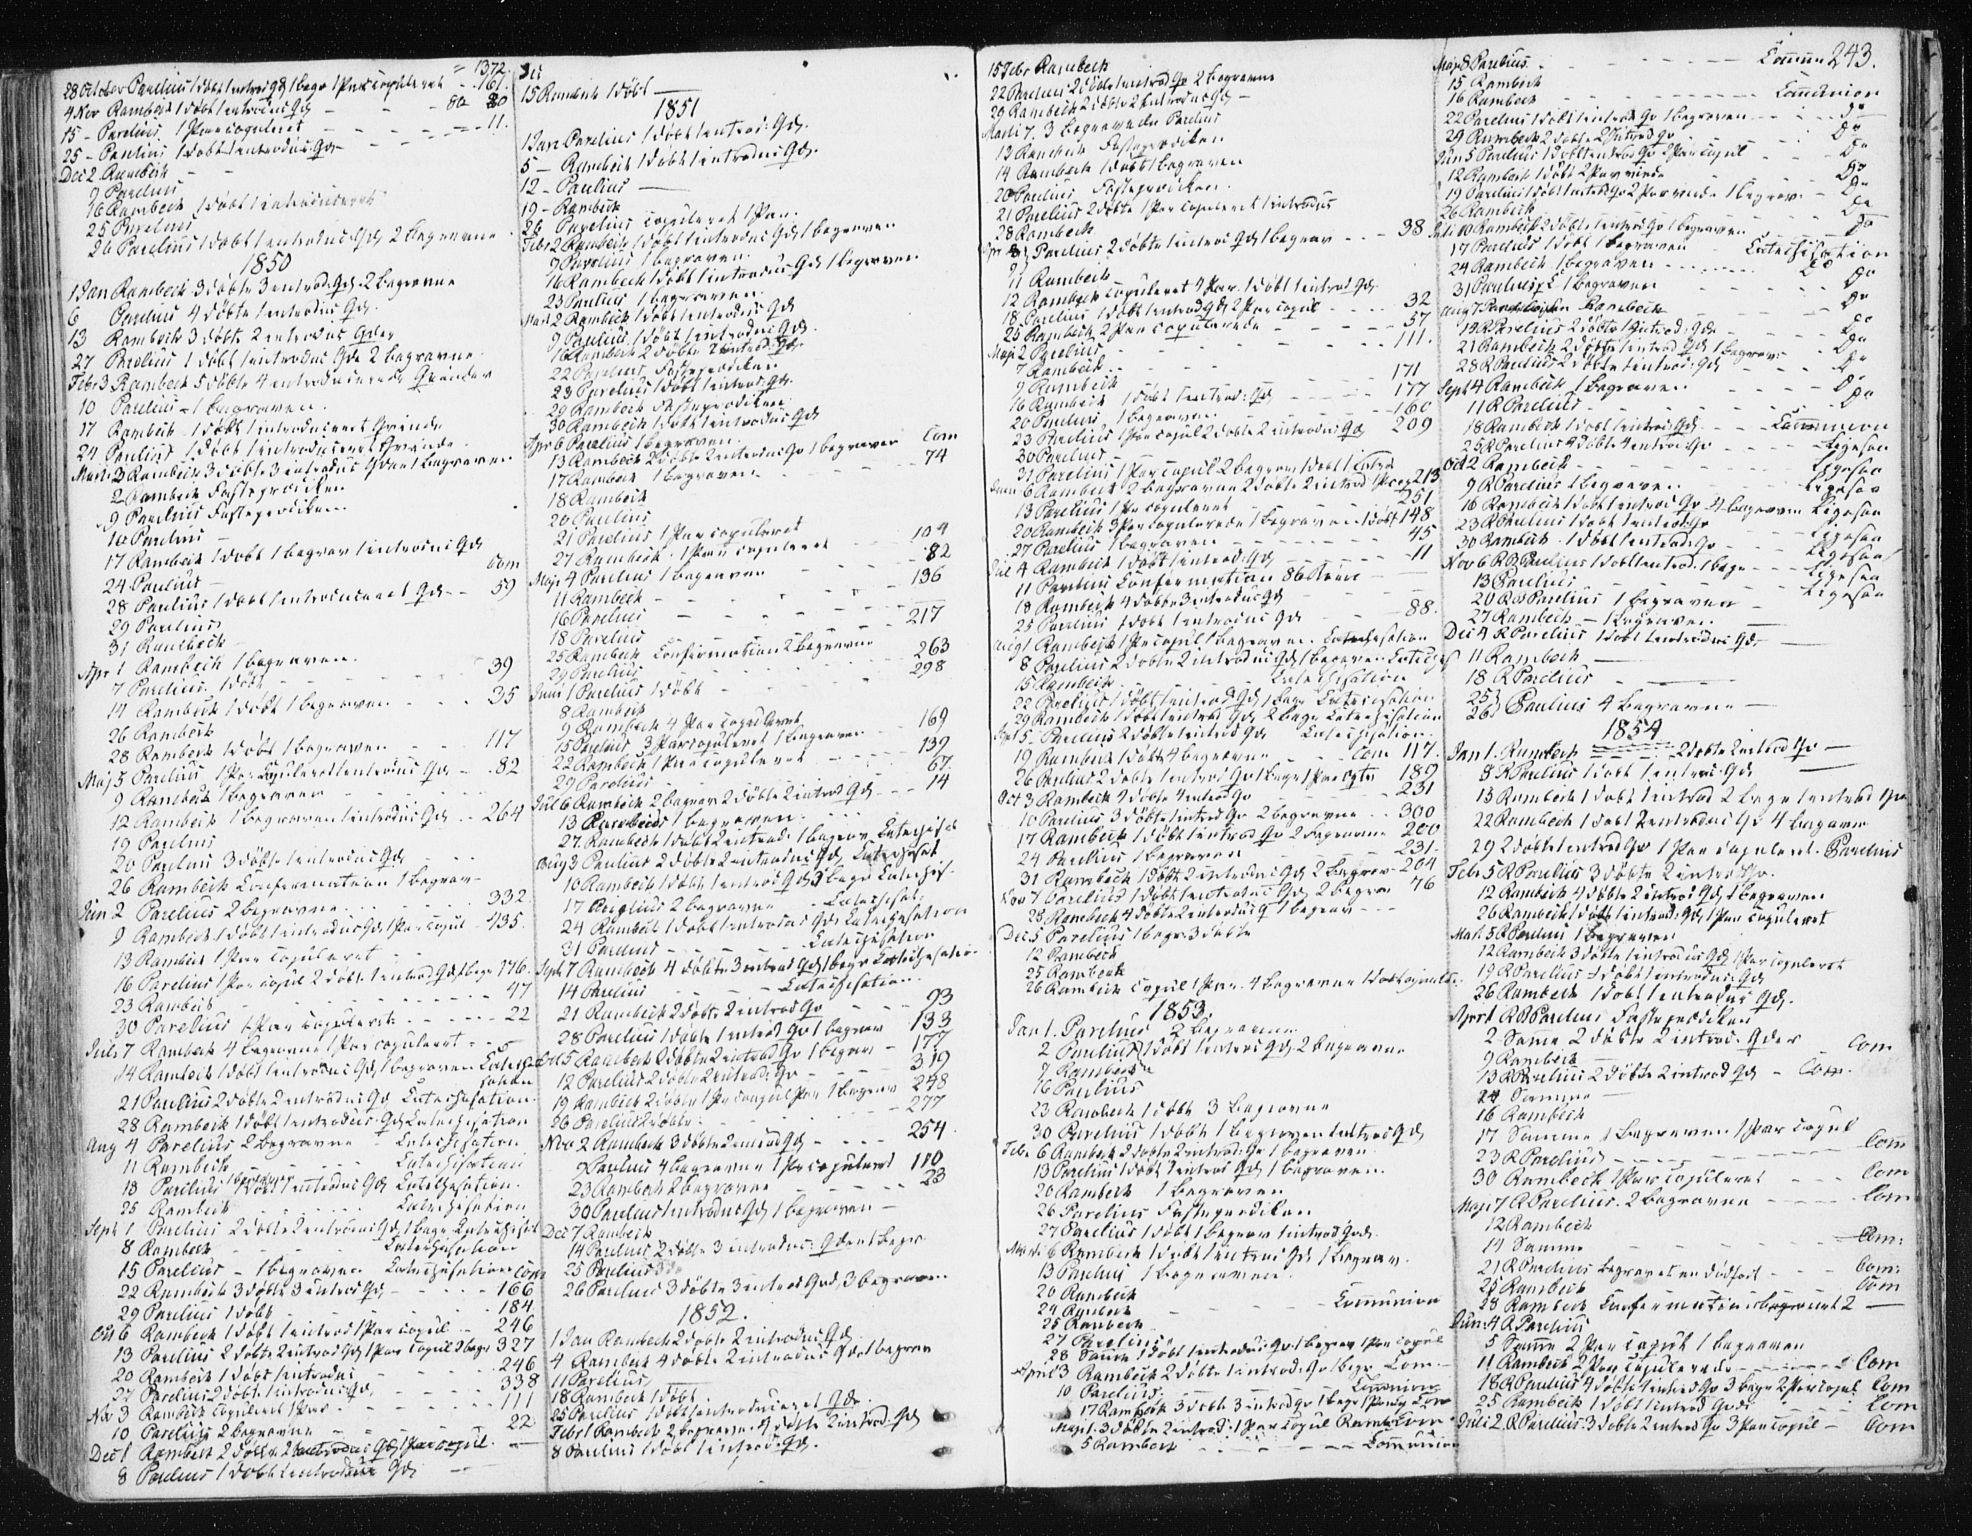 SAT, Ministerialprotokoller, klokkerbøker og fødselsregistre - Sør-Trøndelag, 674/L0869: Ministerialbok nr. 674A01, 1829-1860, s. 243